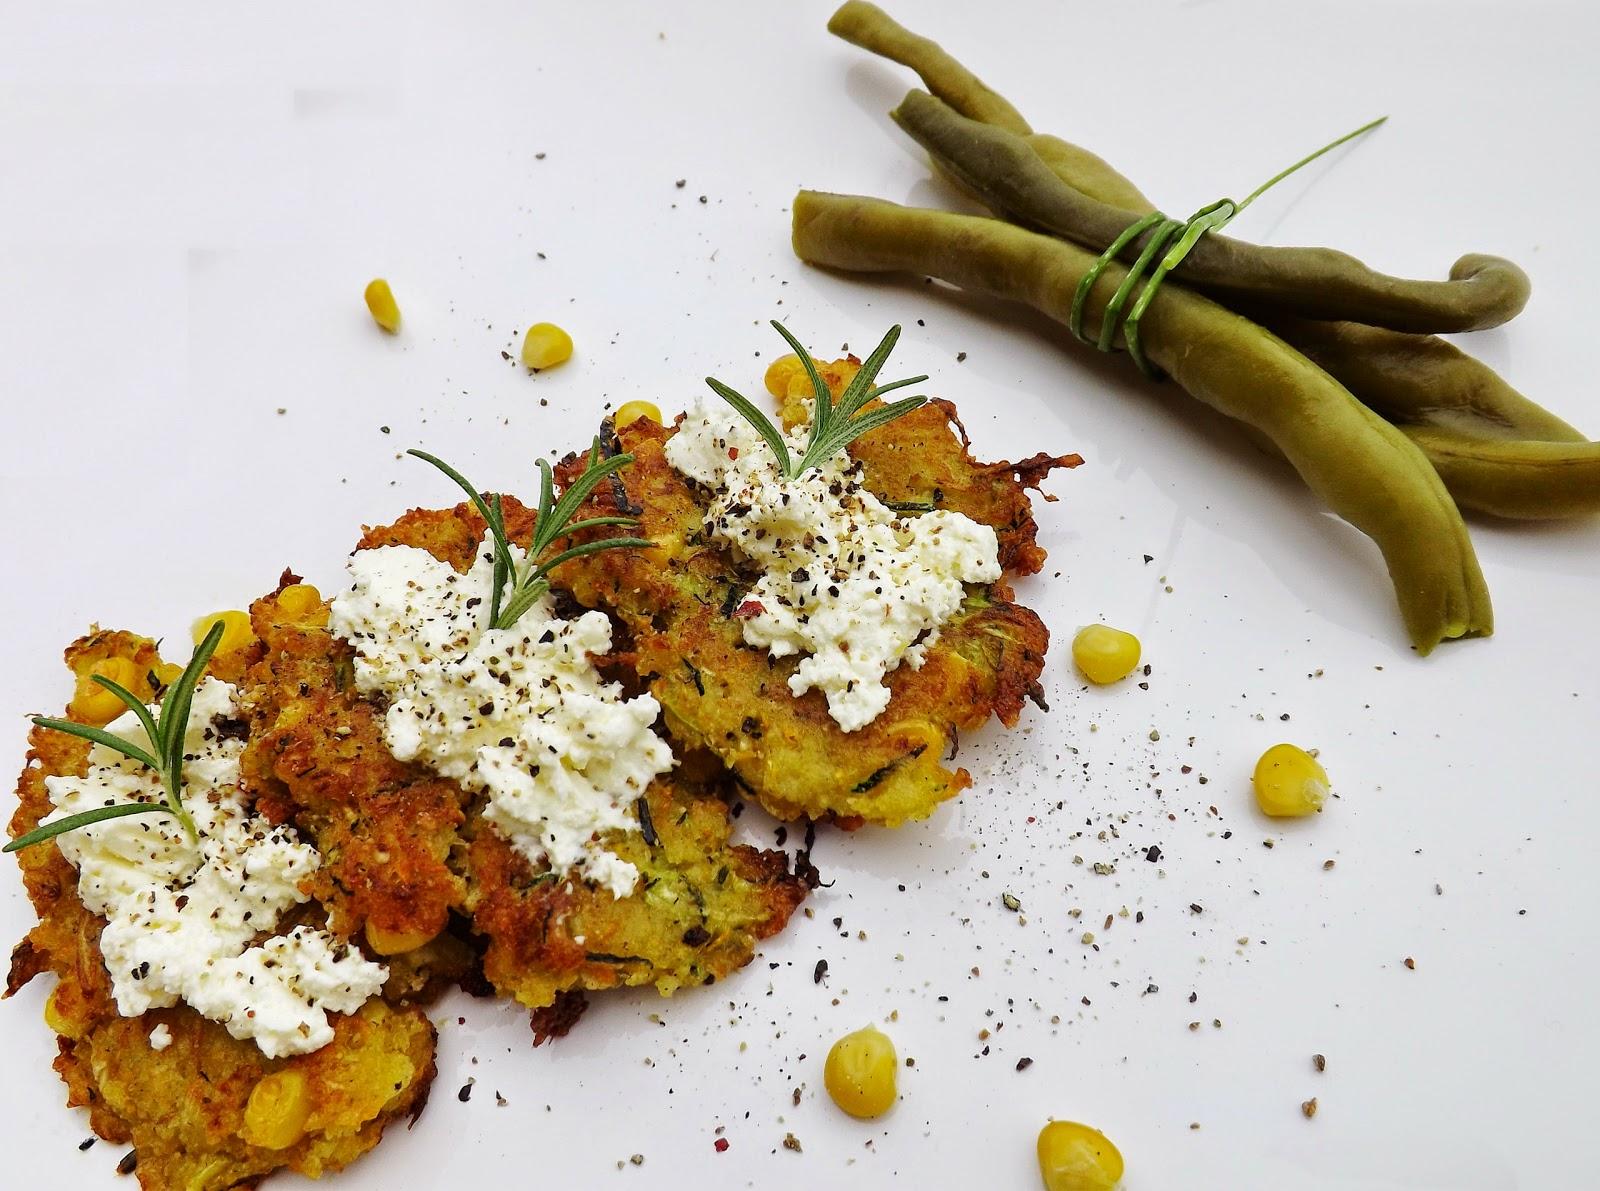 Placki warzywne pod białą kołderką